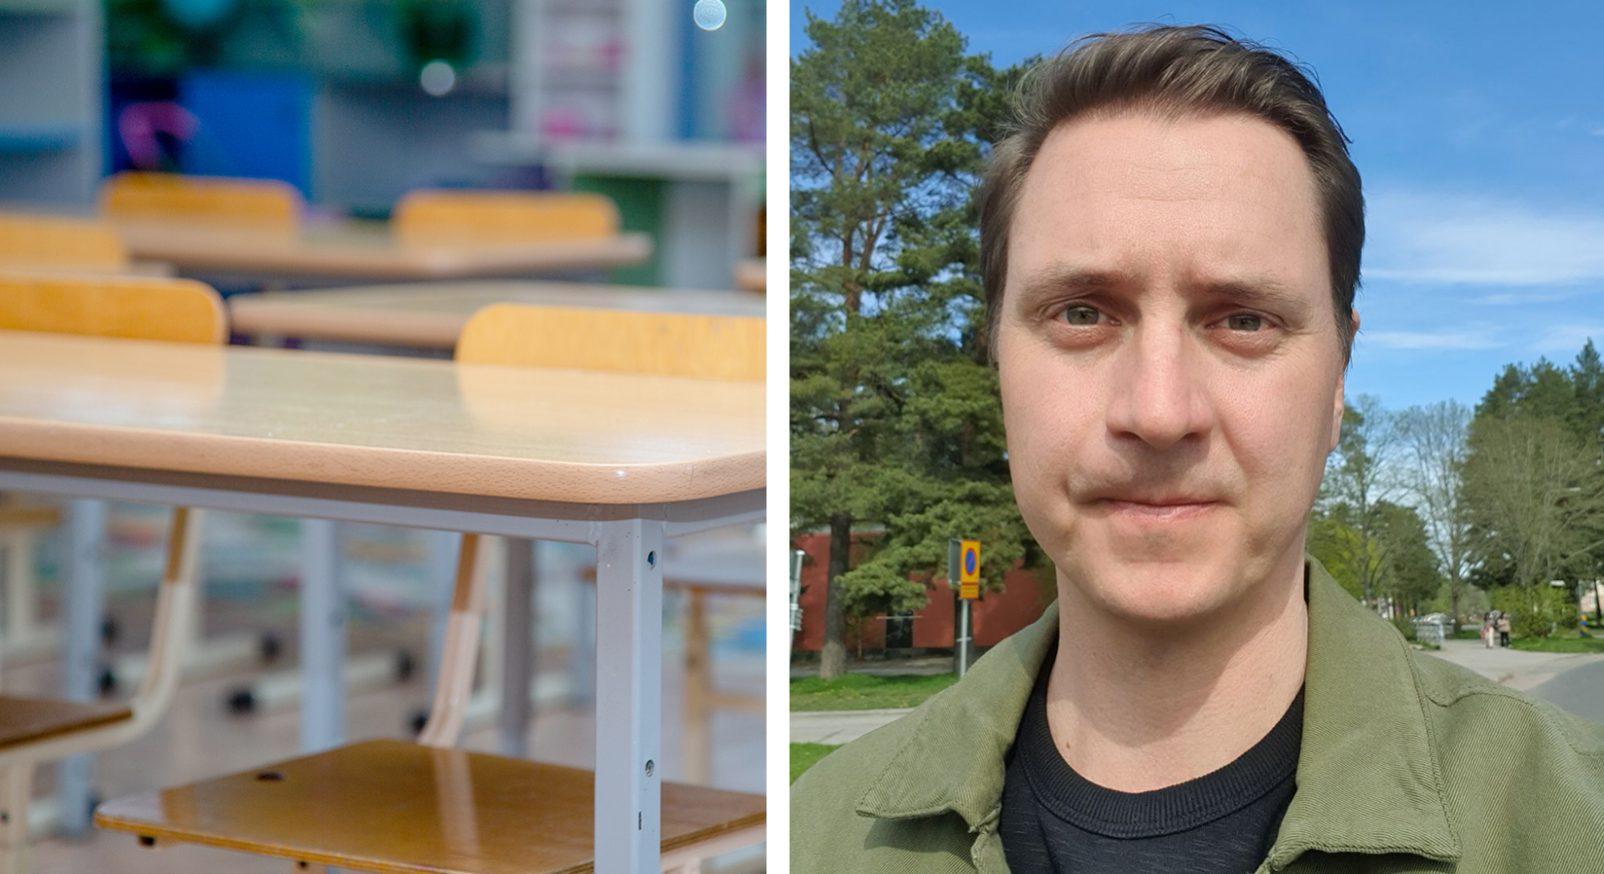 Klassrum och Daniel Rosin, lärare på Polhems gymnasiesärskola och skyddsombud för LR i Gävle